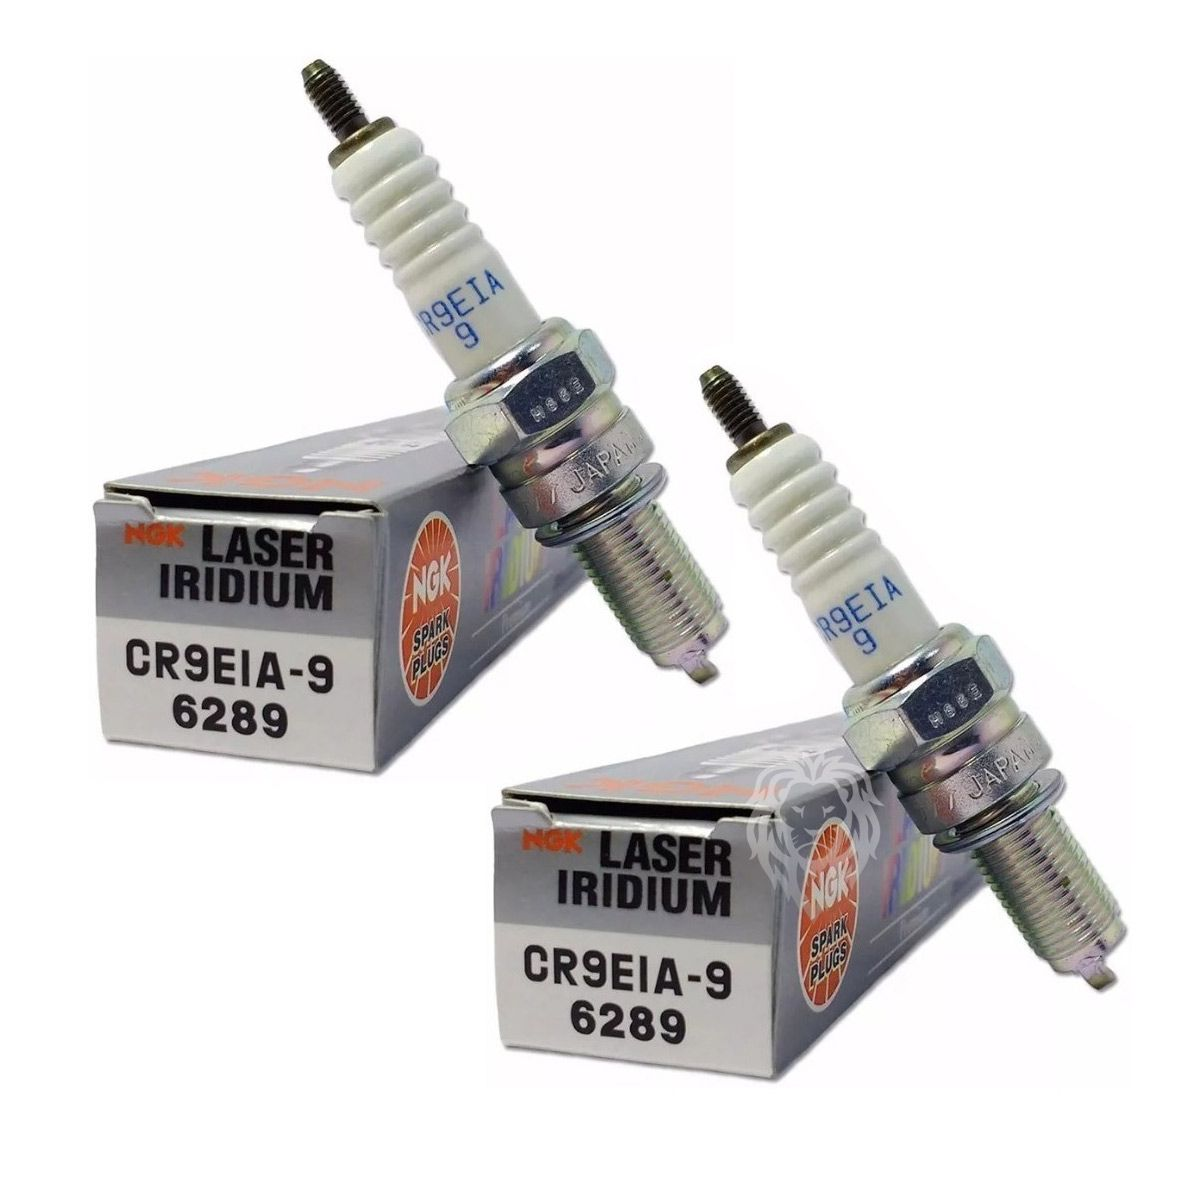 Vela NGK Laser Iridium CR9EIA-9 Ninja 650R ER6N VERSYS 650 (PAR)